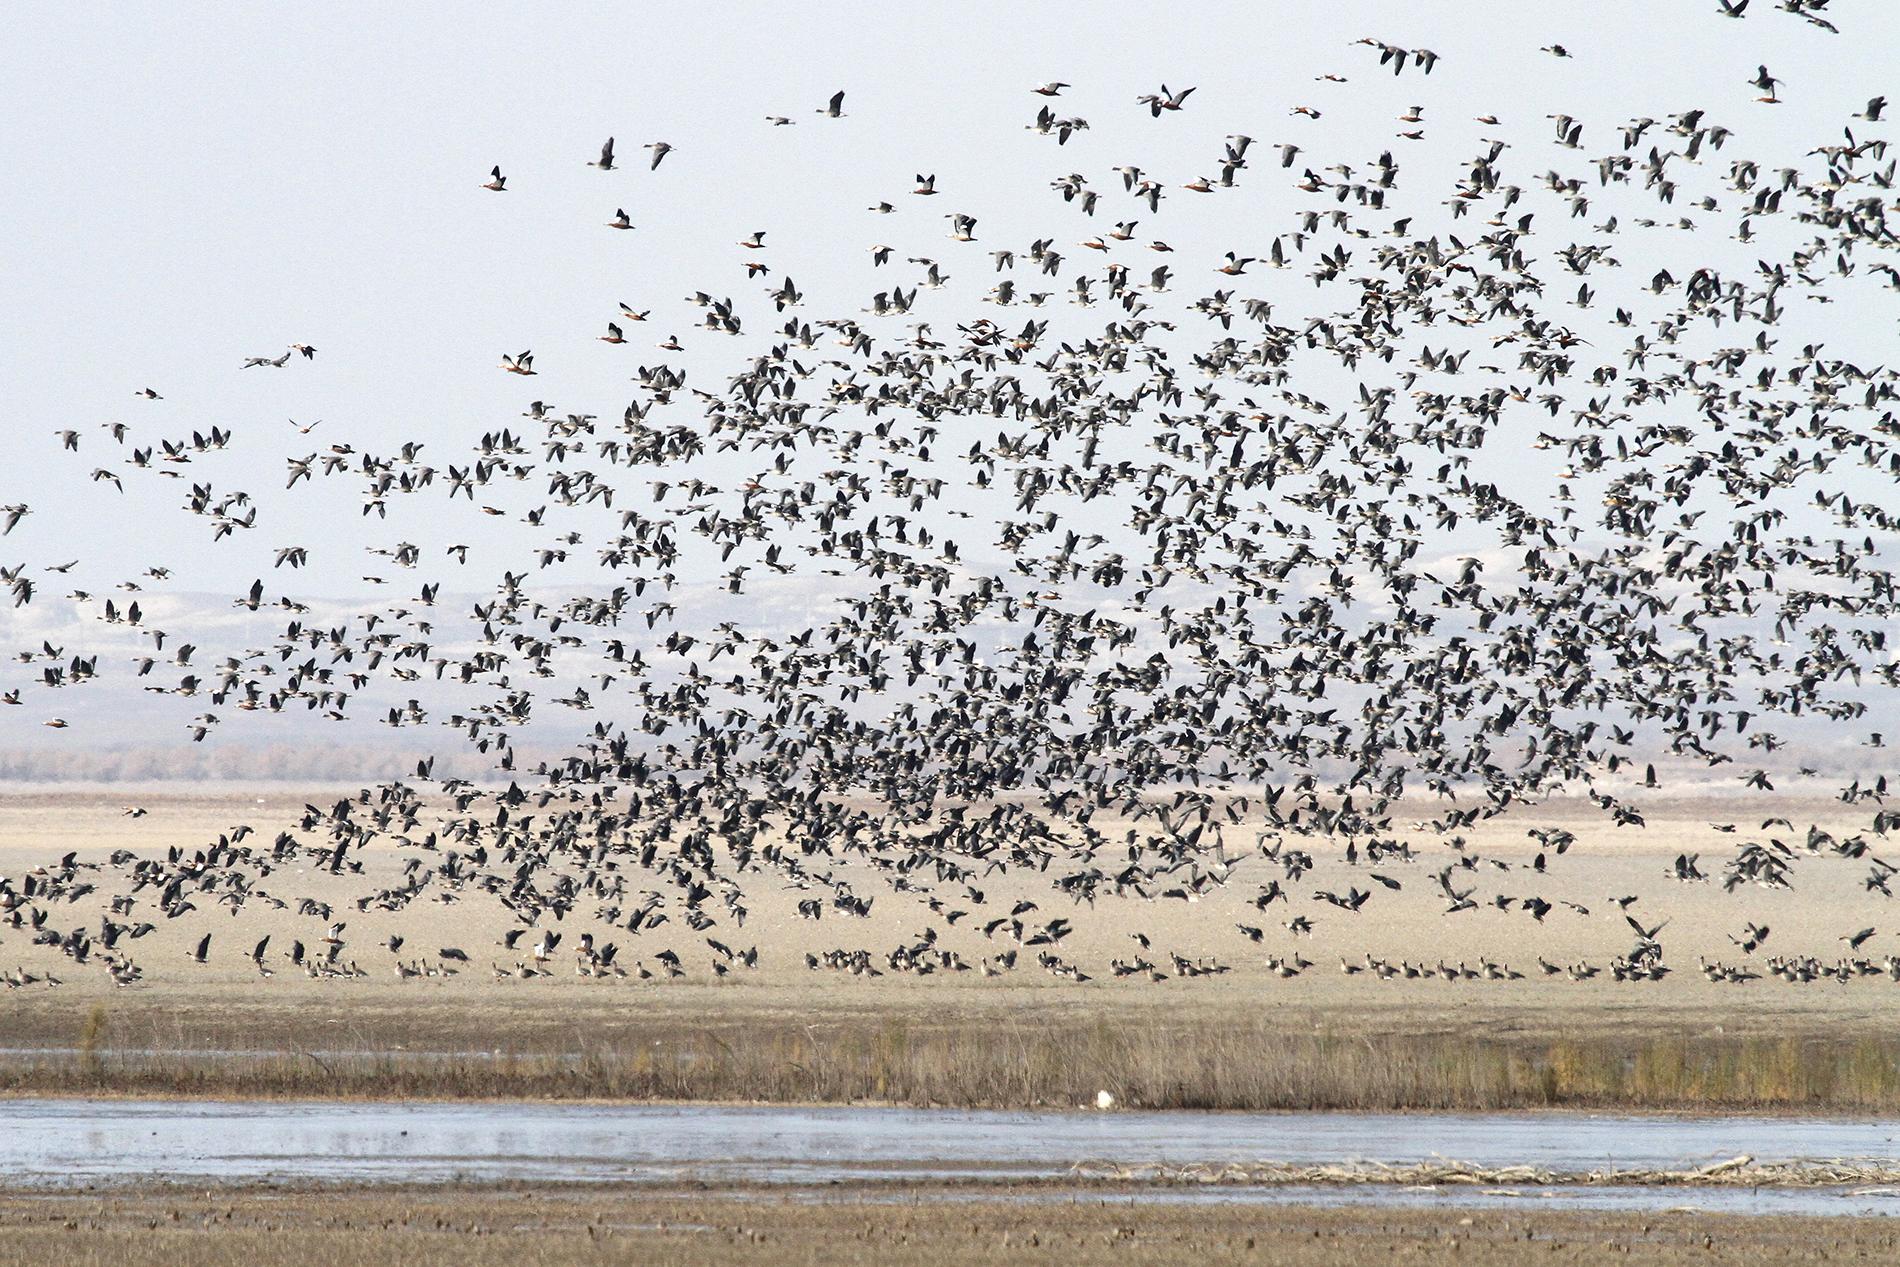 Pohjolan kiljuhanhet ovat äärimmäisen uhanalaisia, mutta Länsi-Venäjän pesimäkanta on vahvempi. Aras-tekojärveltä Iranin ja Azebaidzanin rajalta löytyi huikea 4750 linnun kiljuhanhiparvi. kuva: Petri Lampila